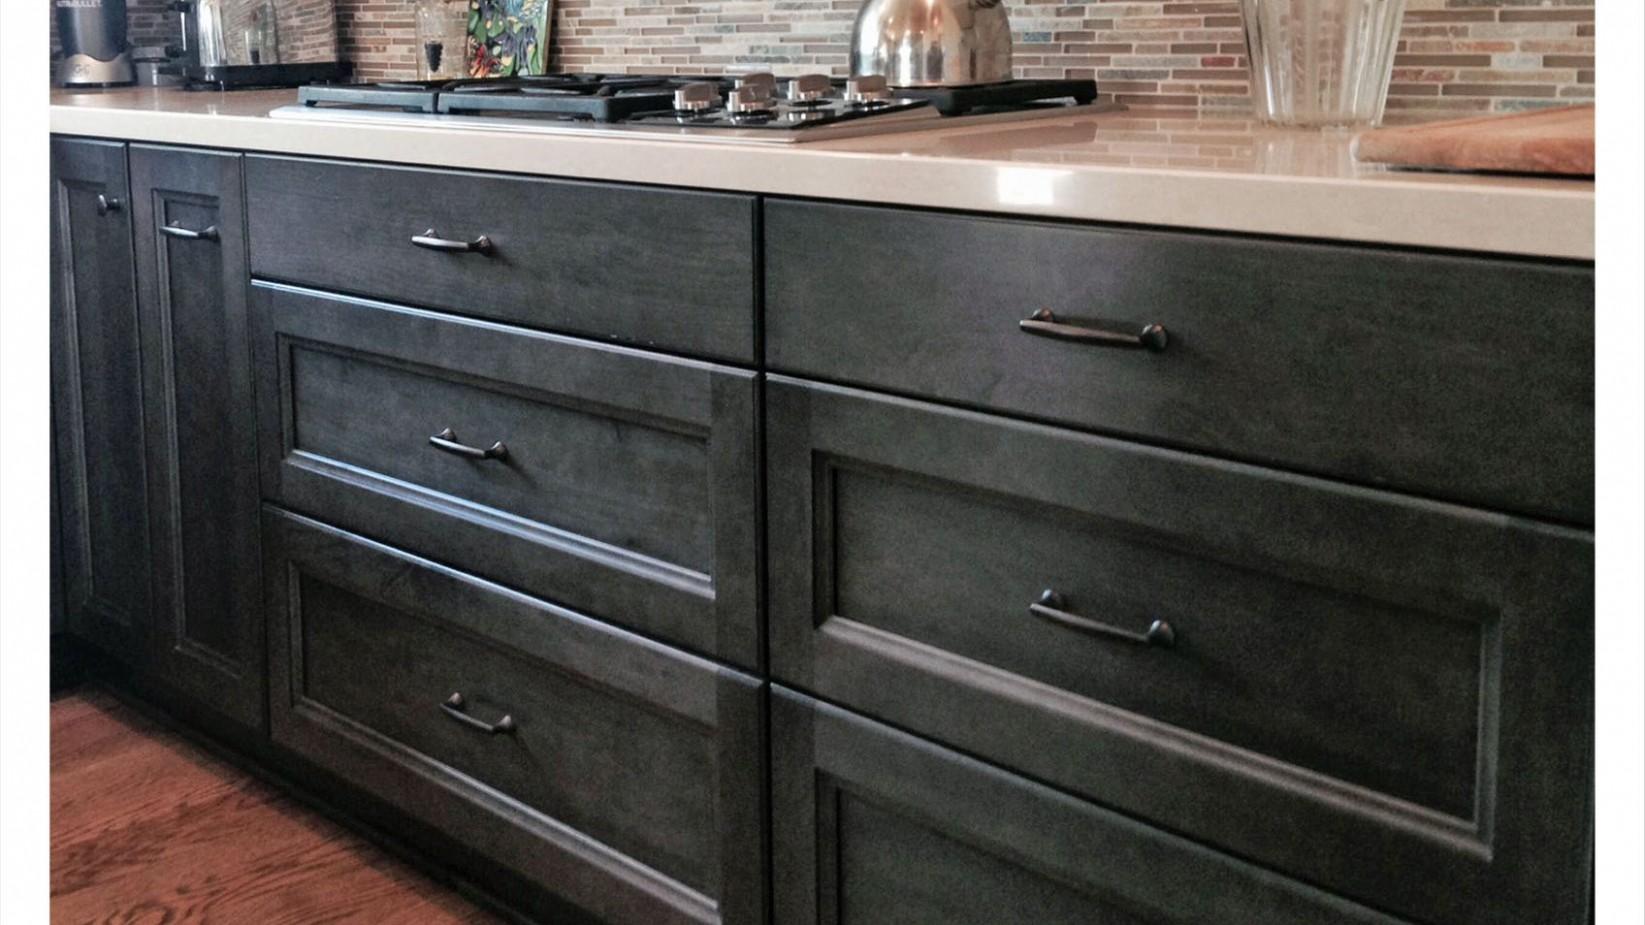 Kitchen Cabinet Design Essentials - Base Kitchen Cabinets Are Typically